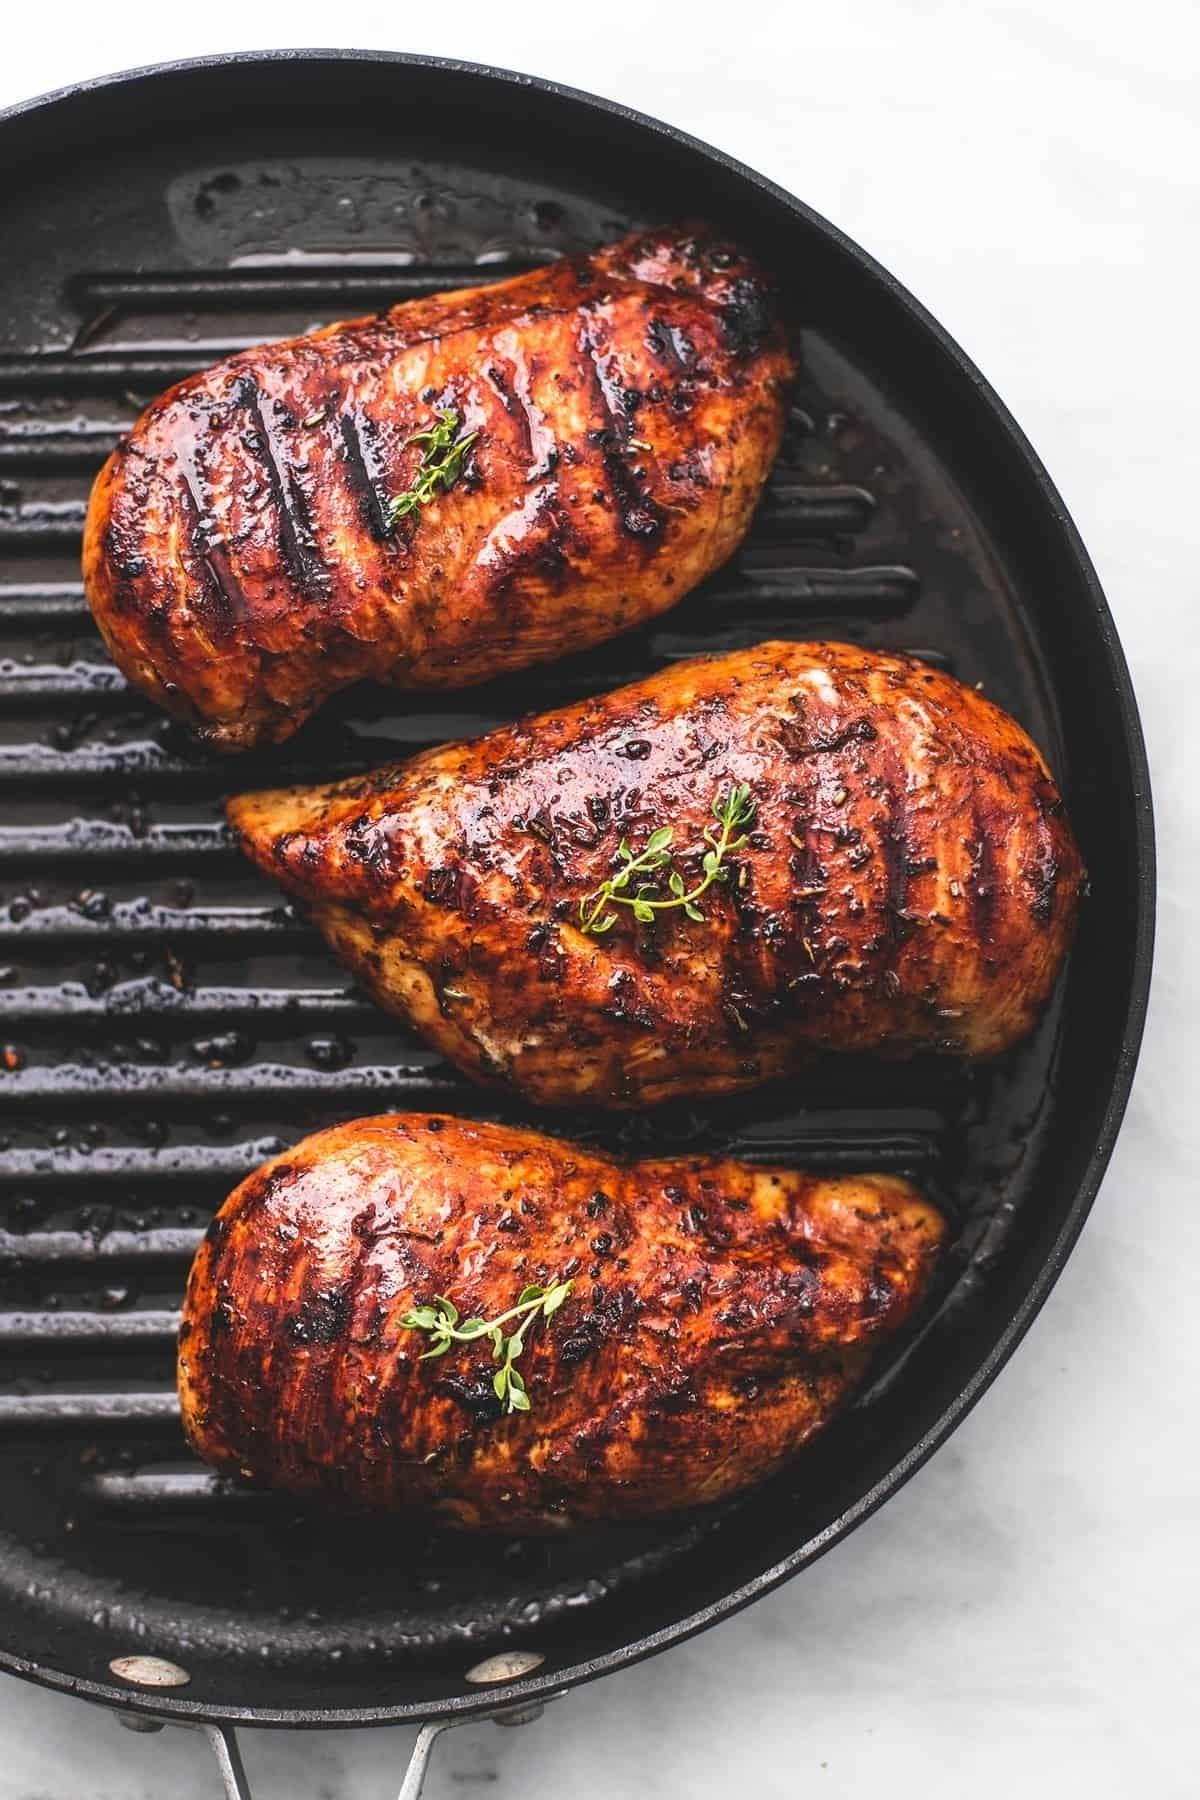 5 Resepi Ayam Grill Sihat Dan Tinggi Protien Sesuai Untuk Diet Jom Sihat Blog